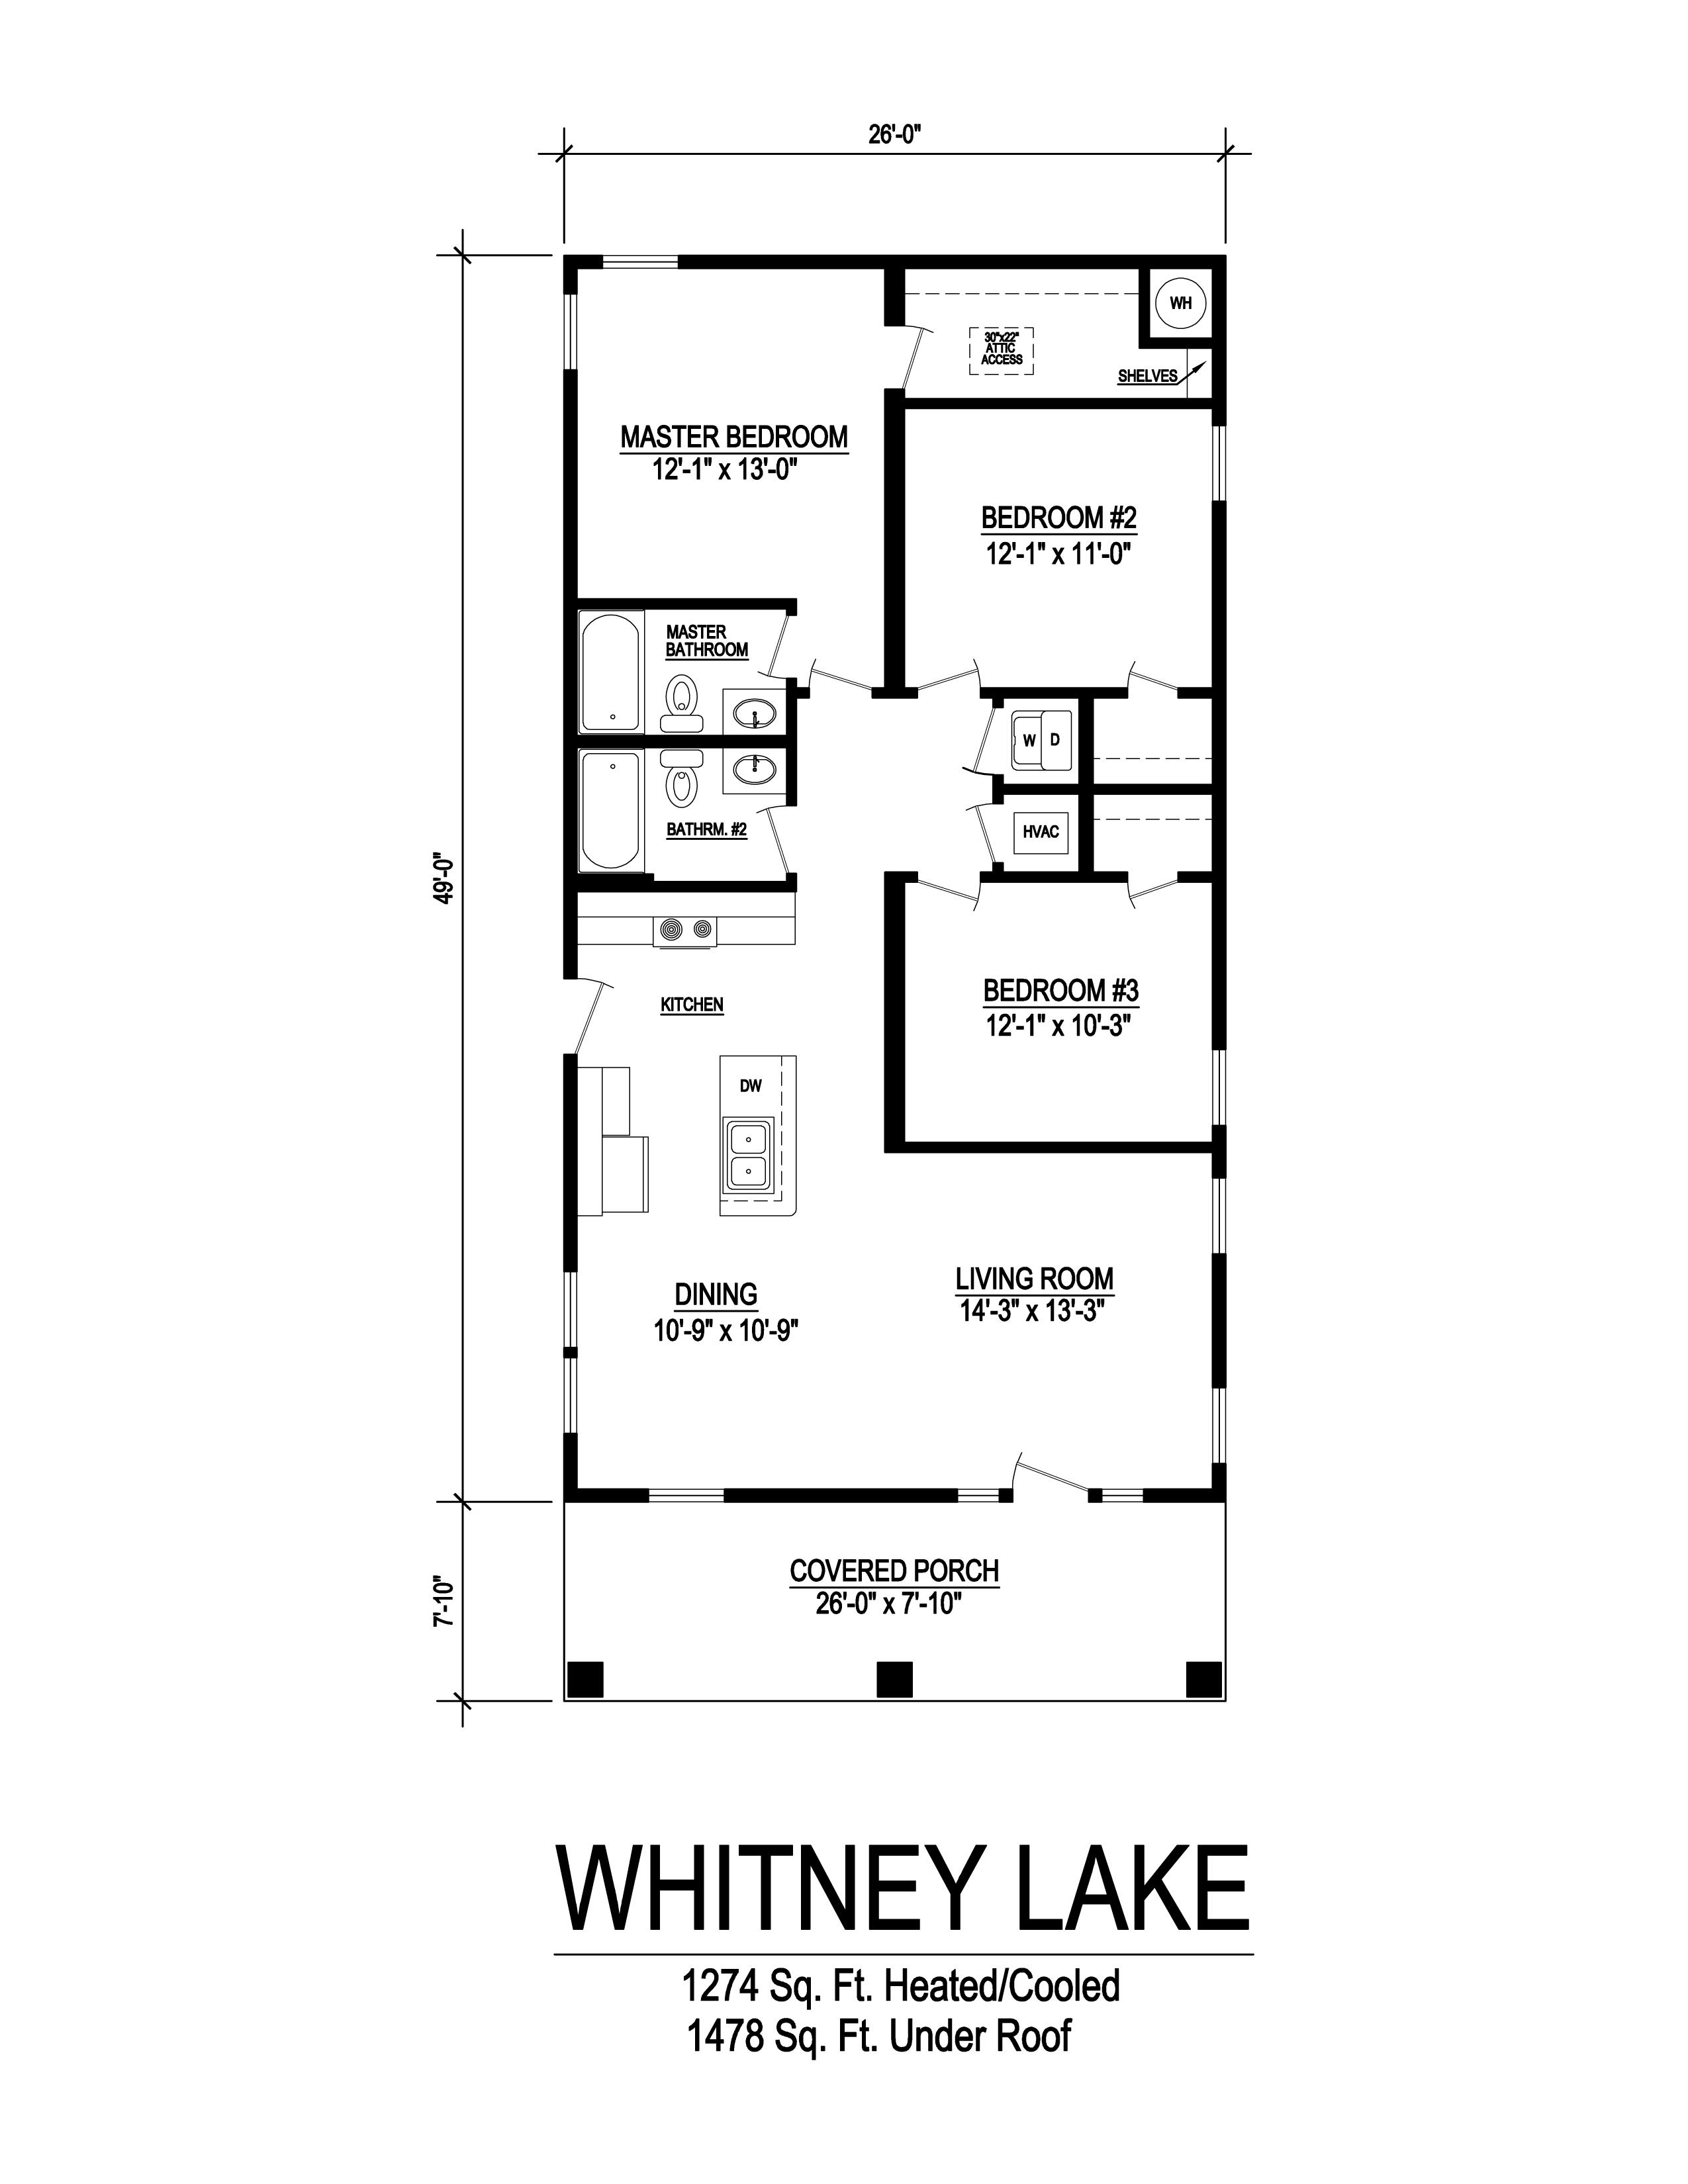 whitney lake modular home floorplan